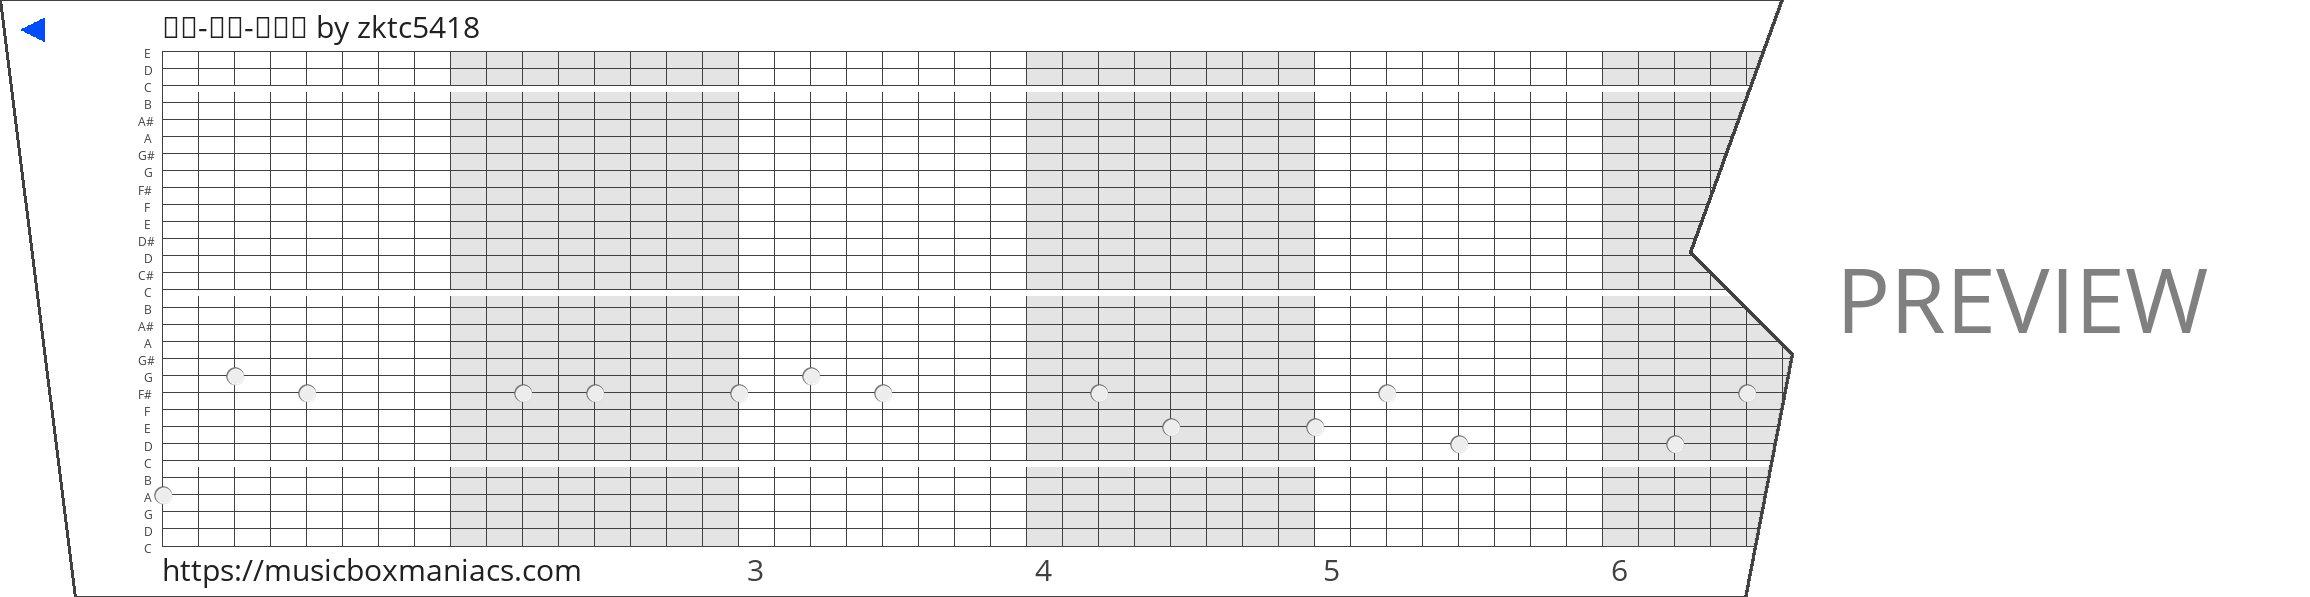 轨迹-流行-周杰伦 30 note music box paper strip